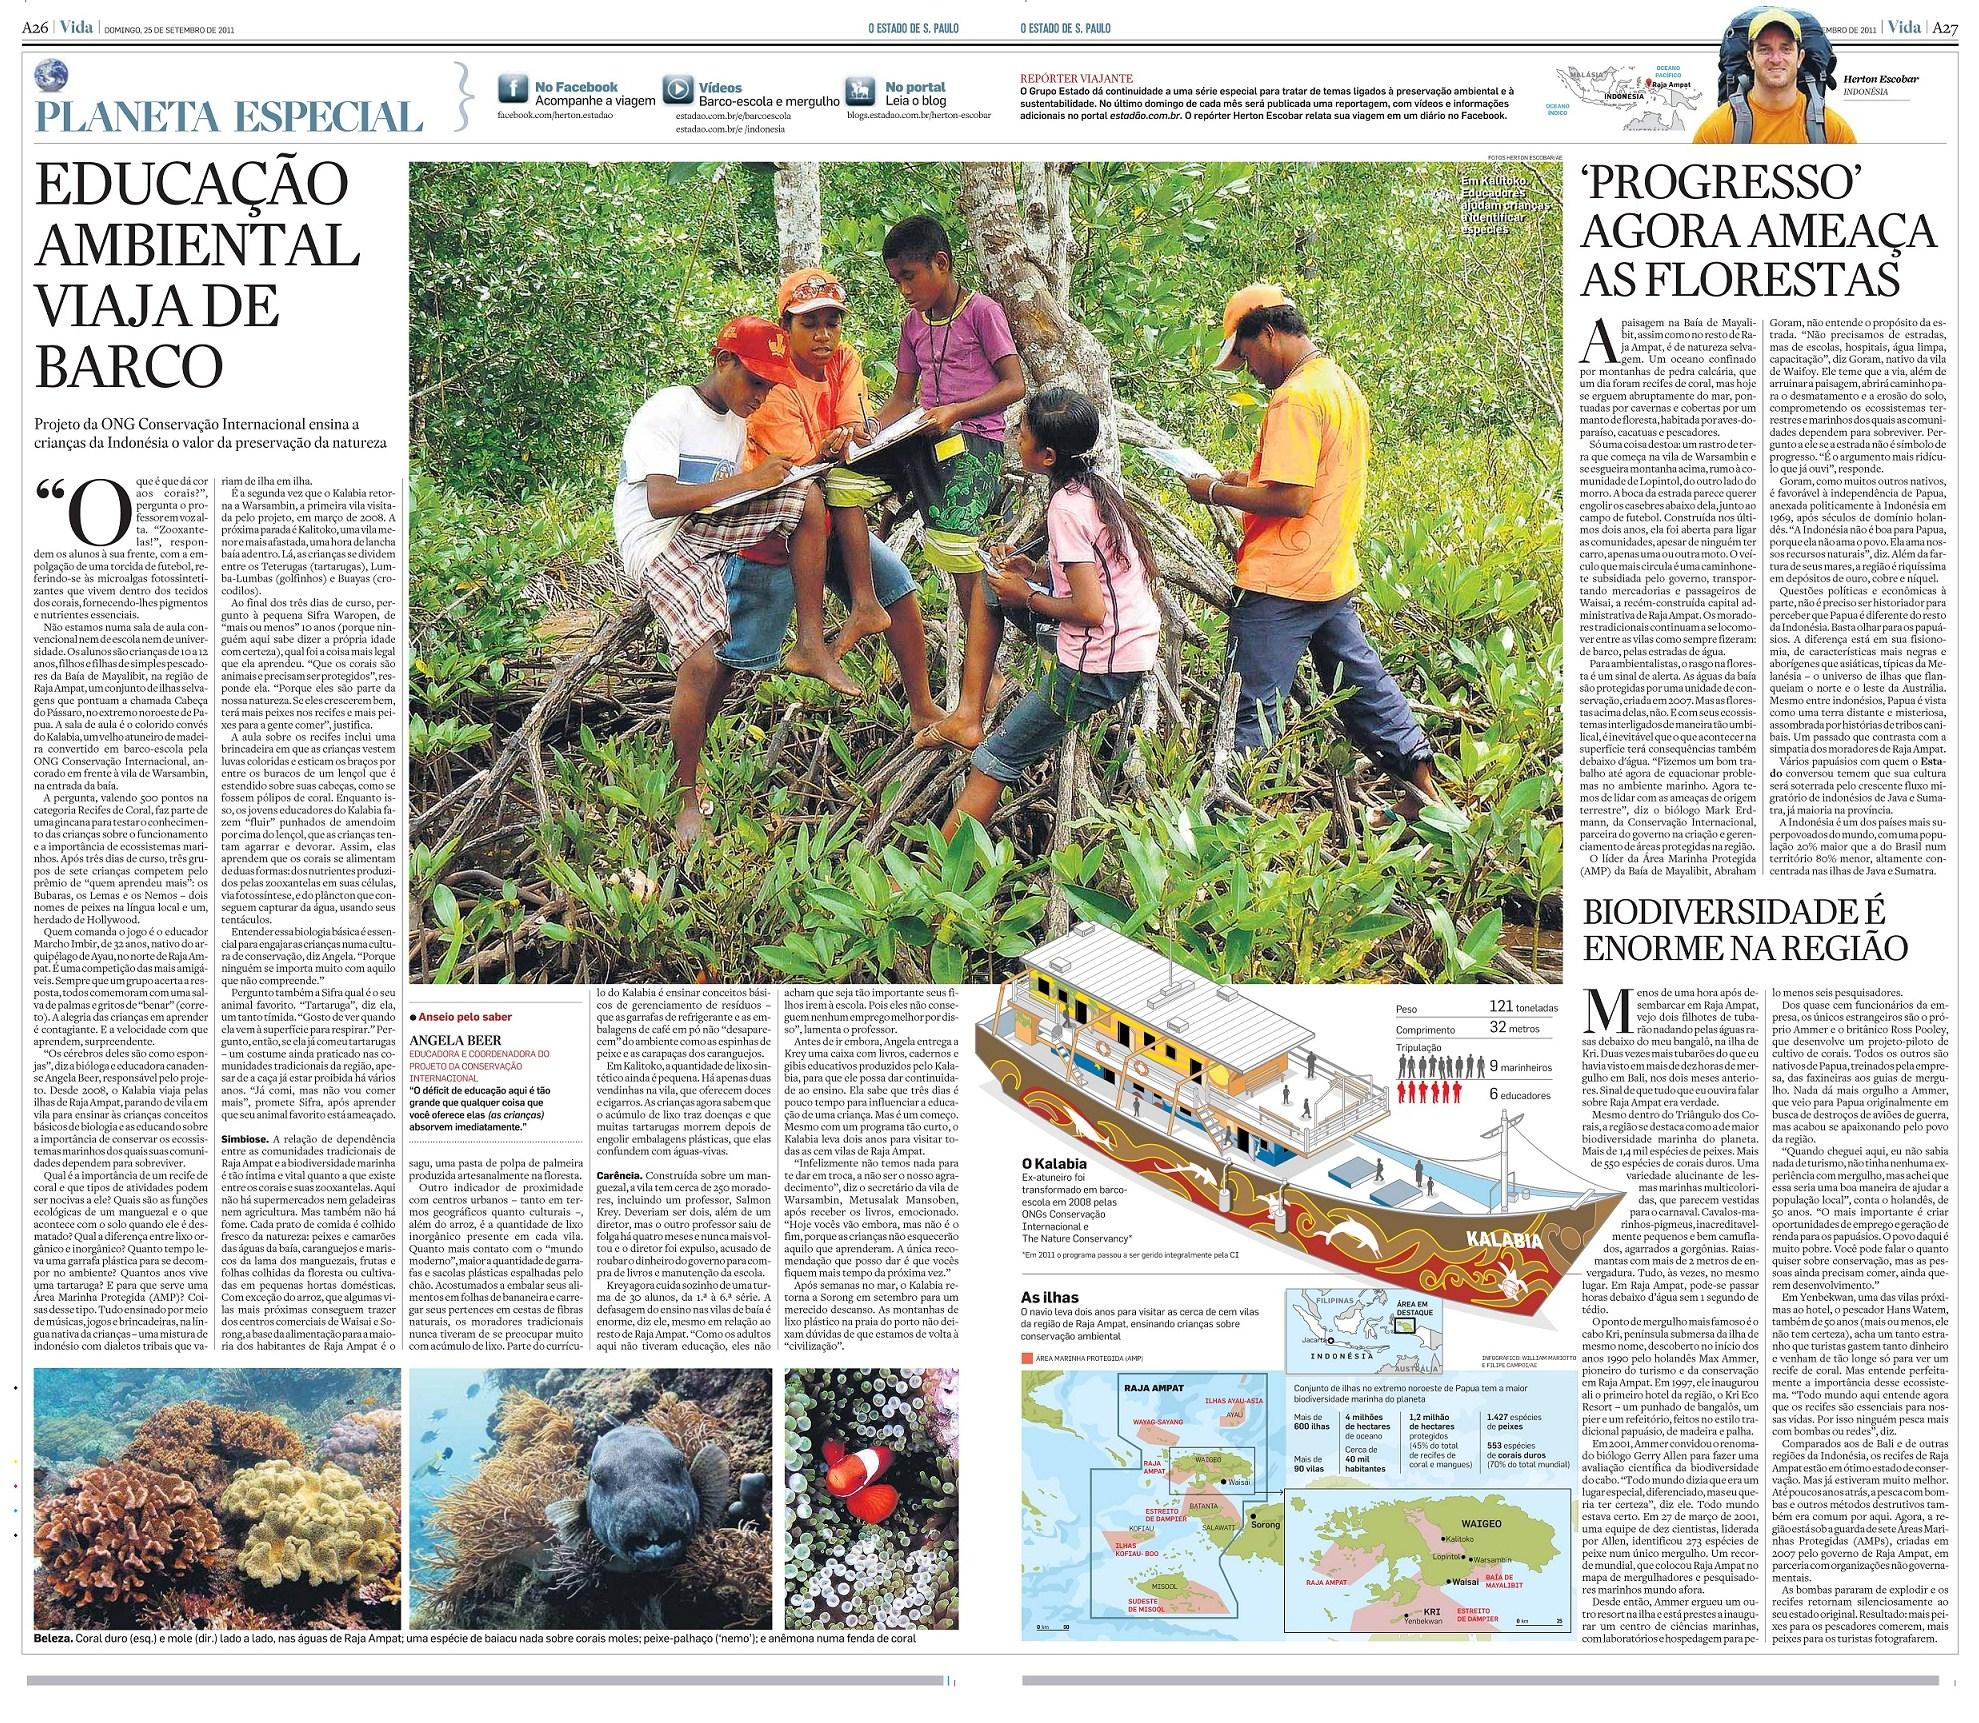 Repórter Viajante: Educação ambiental viaja de barco